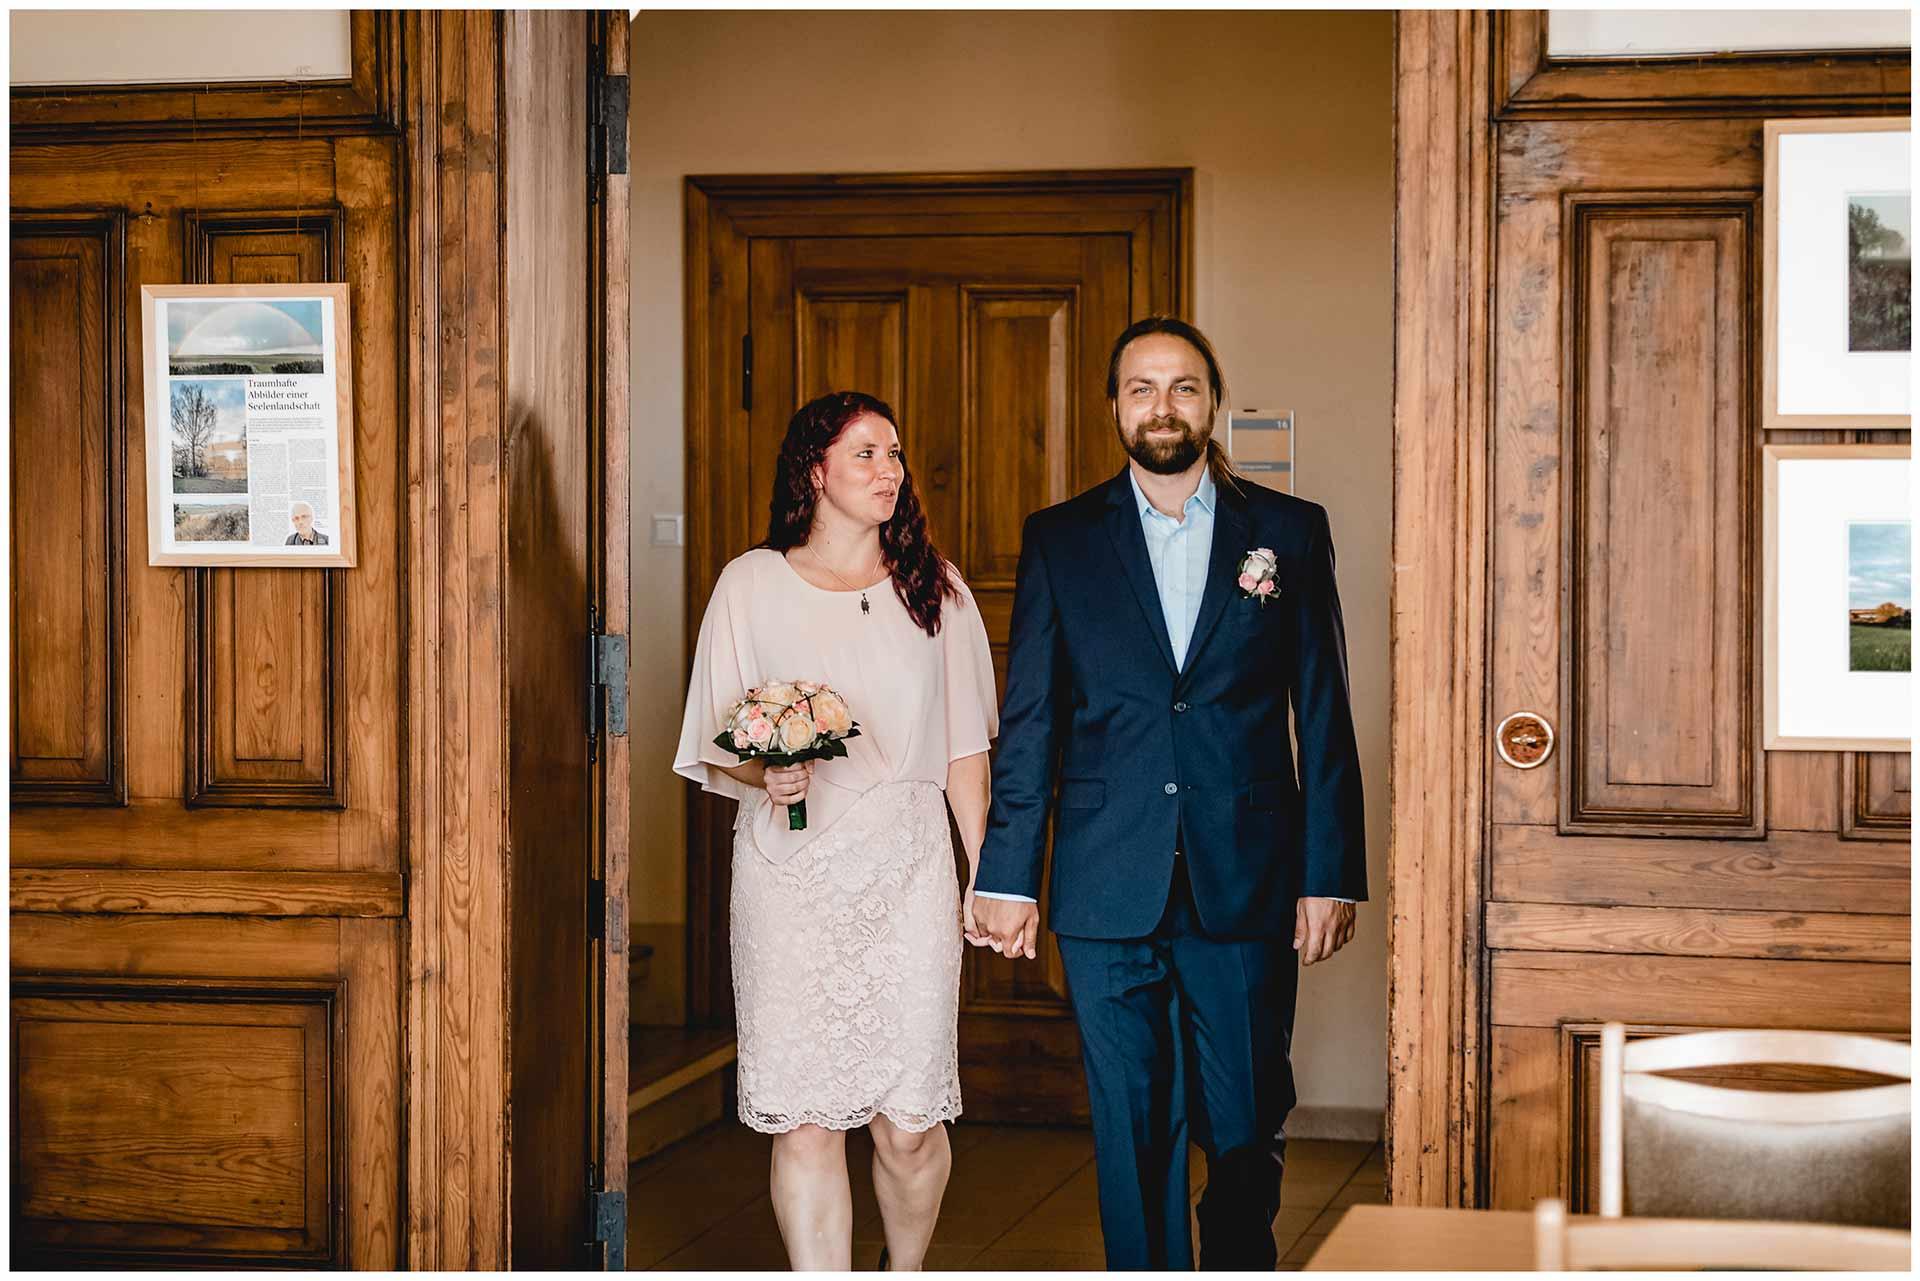 Ehepaar betritt lächelnd den Trausaal im Standesamt Teterow - Hochzeitsfotograf in Teterow